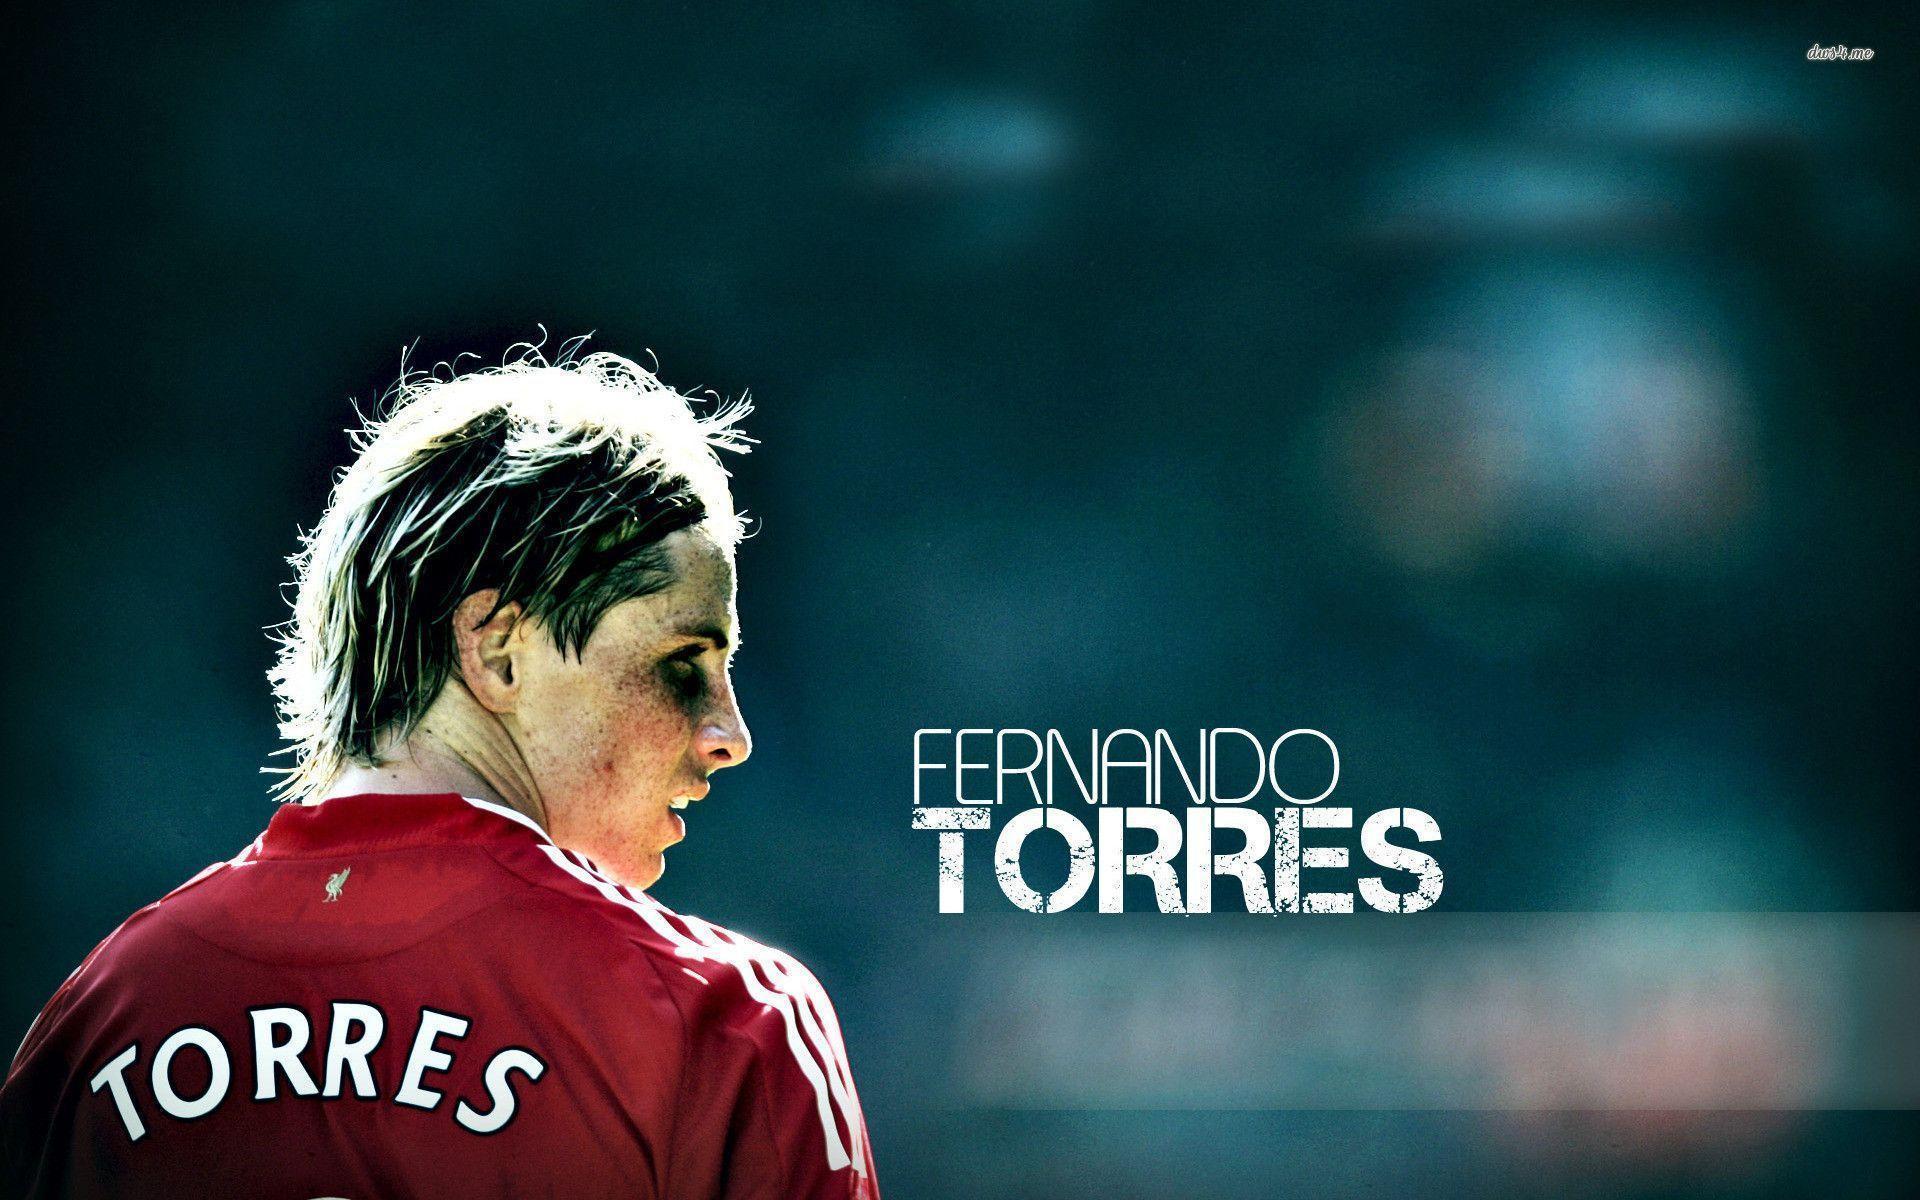 Fernando Torres Wallpapers 1920x1200